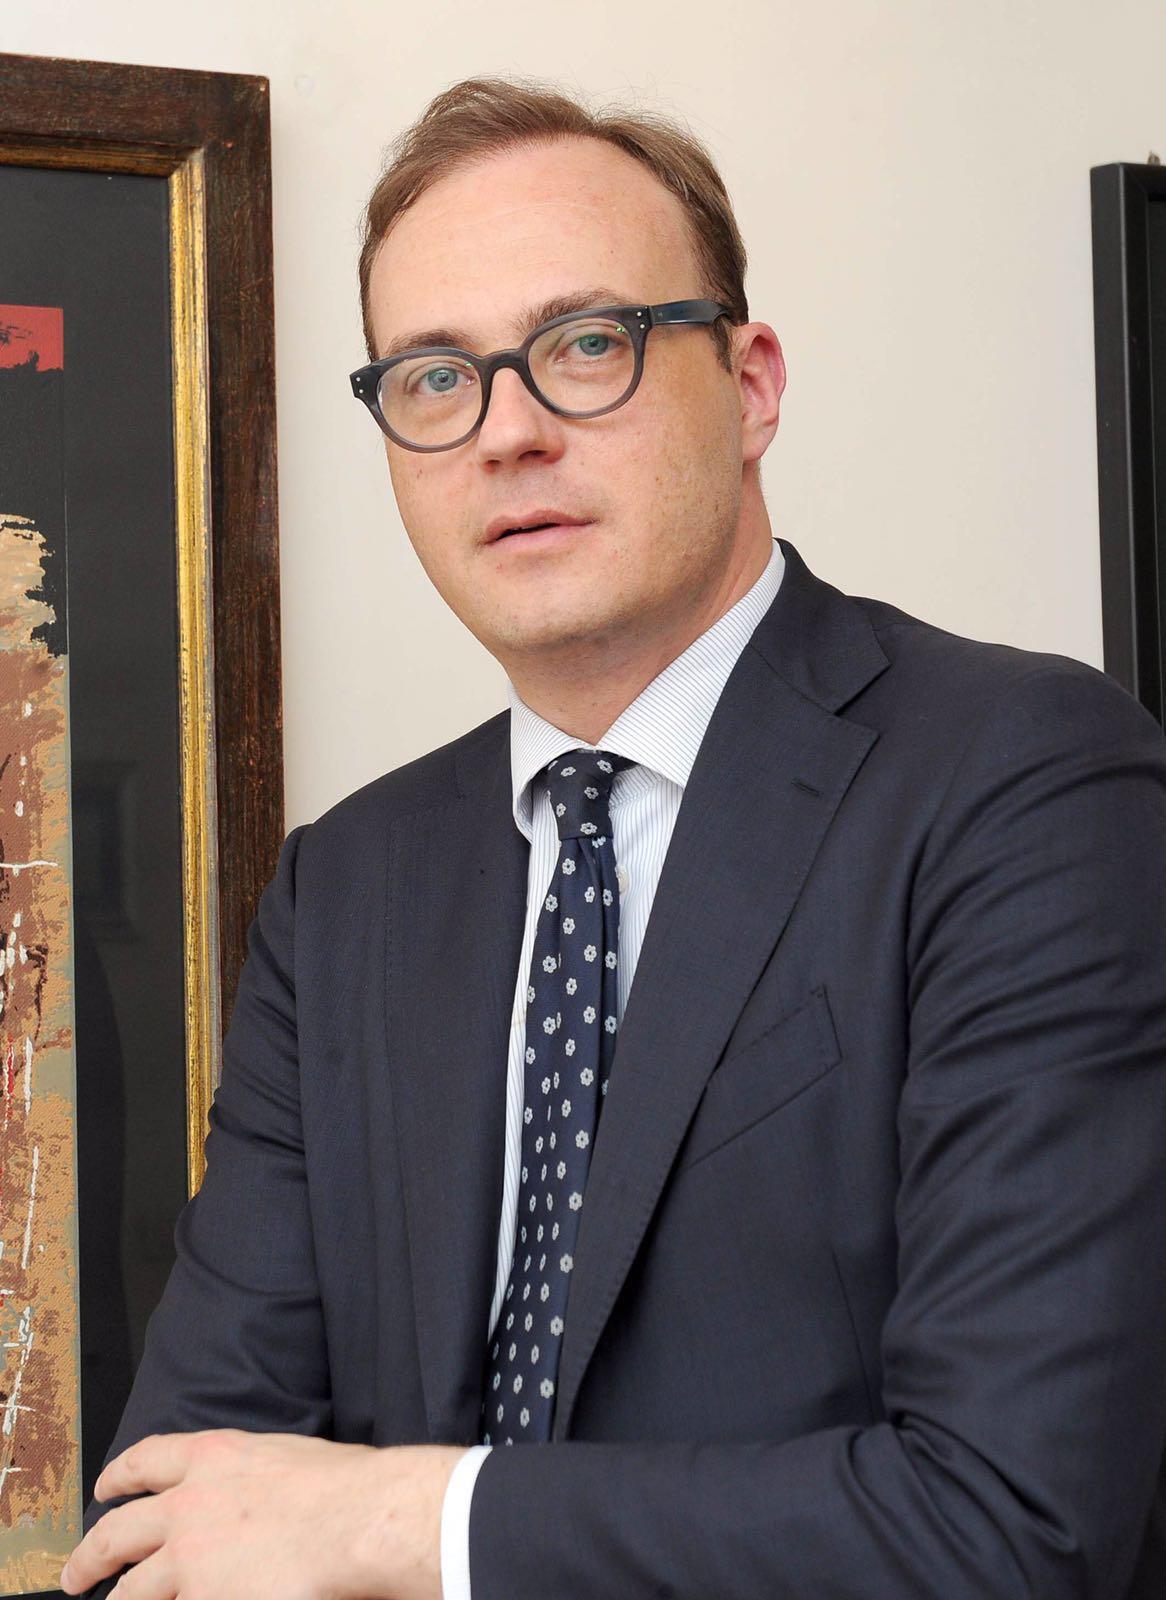 Tommaso Cerno - Wikipedia